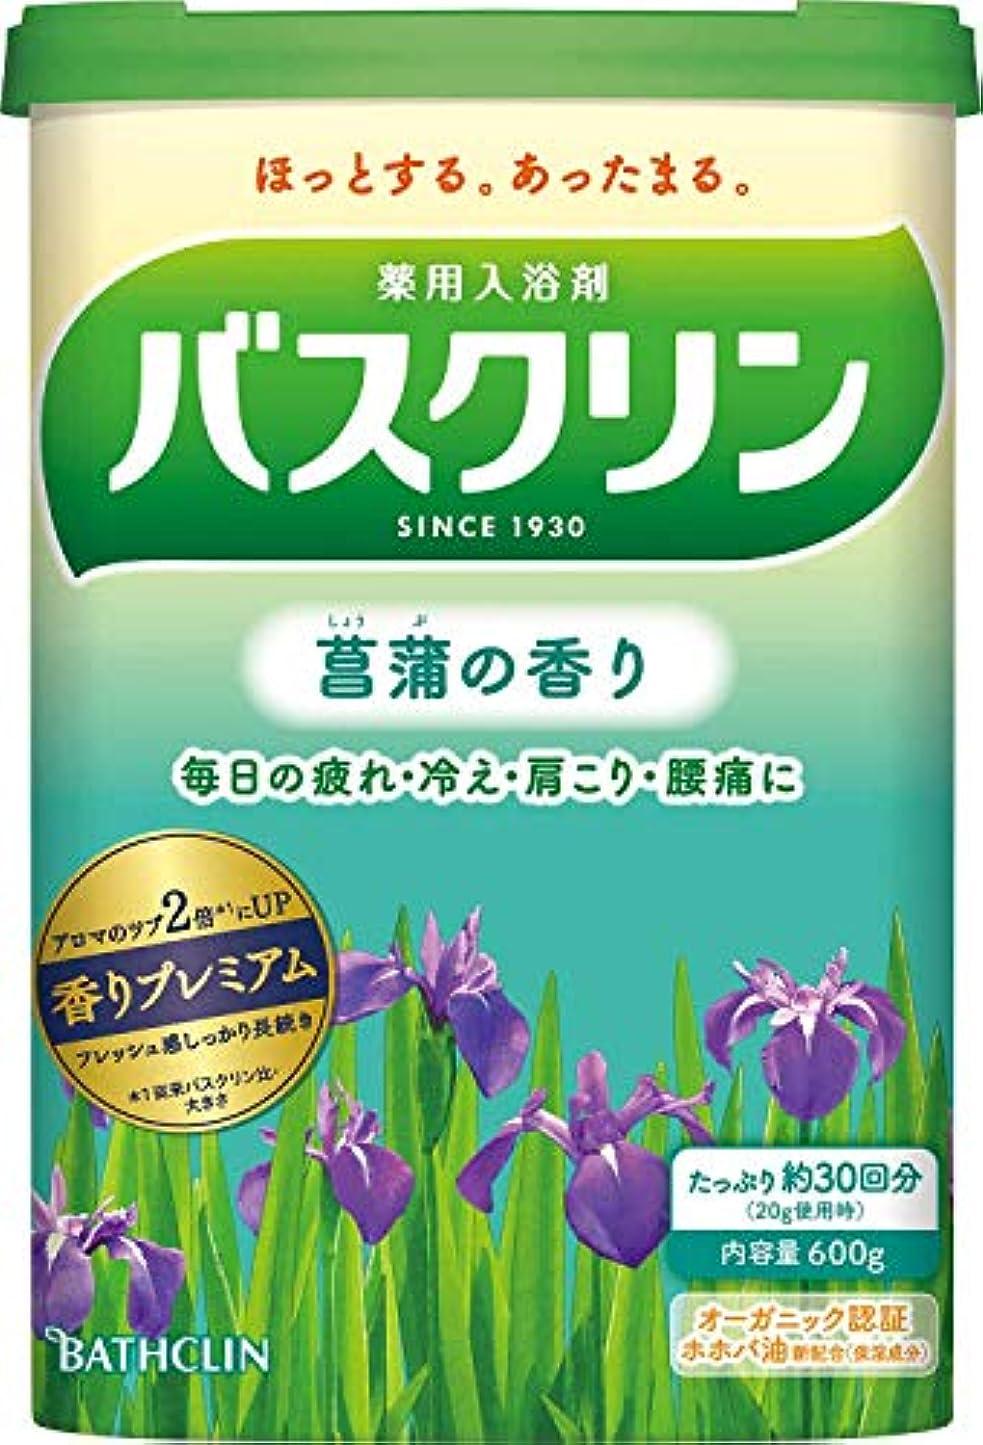 サーバント形後悔【医薬部外品】バスクリン入浴剤 菖蒲の香り600g(約30回分) 疲労回復